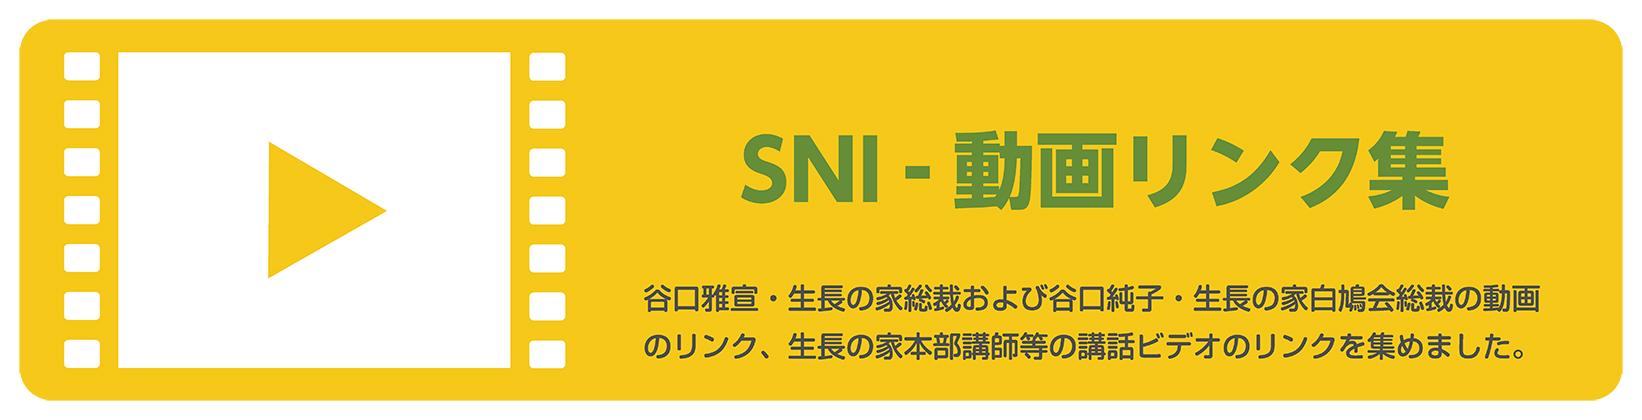 SNI - 動画リンク集 谷口雅宣・生長の家総裁および谷口純子・生長の家白鳩会総裁の動画のリンク、生長の家本部講師等の講話ビデオのリンクを集めました。